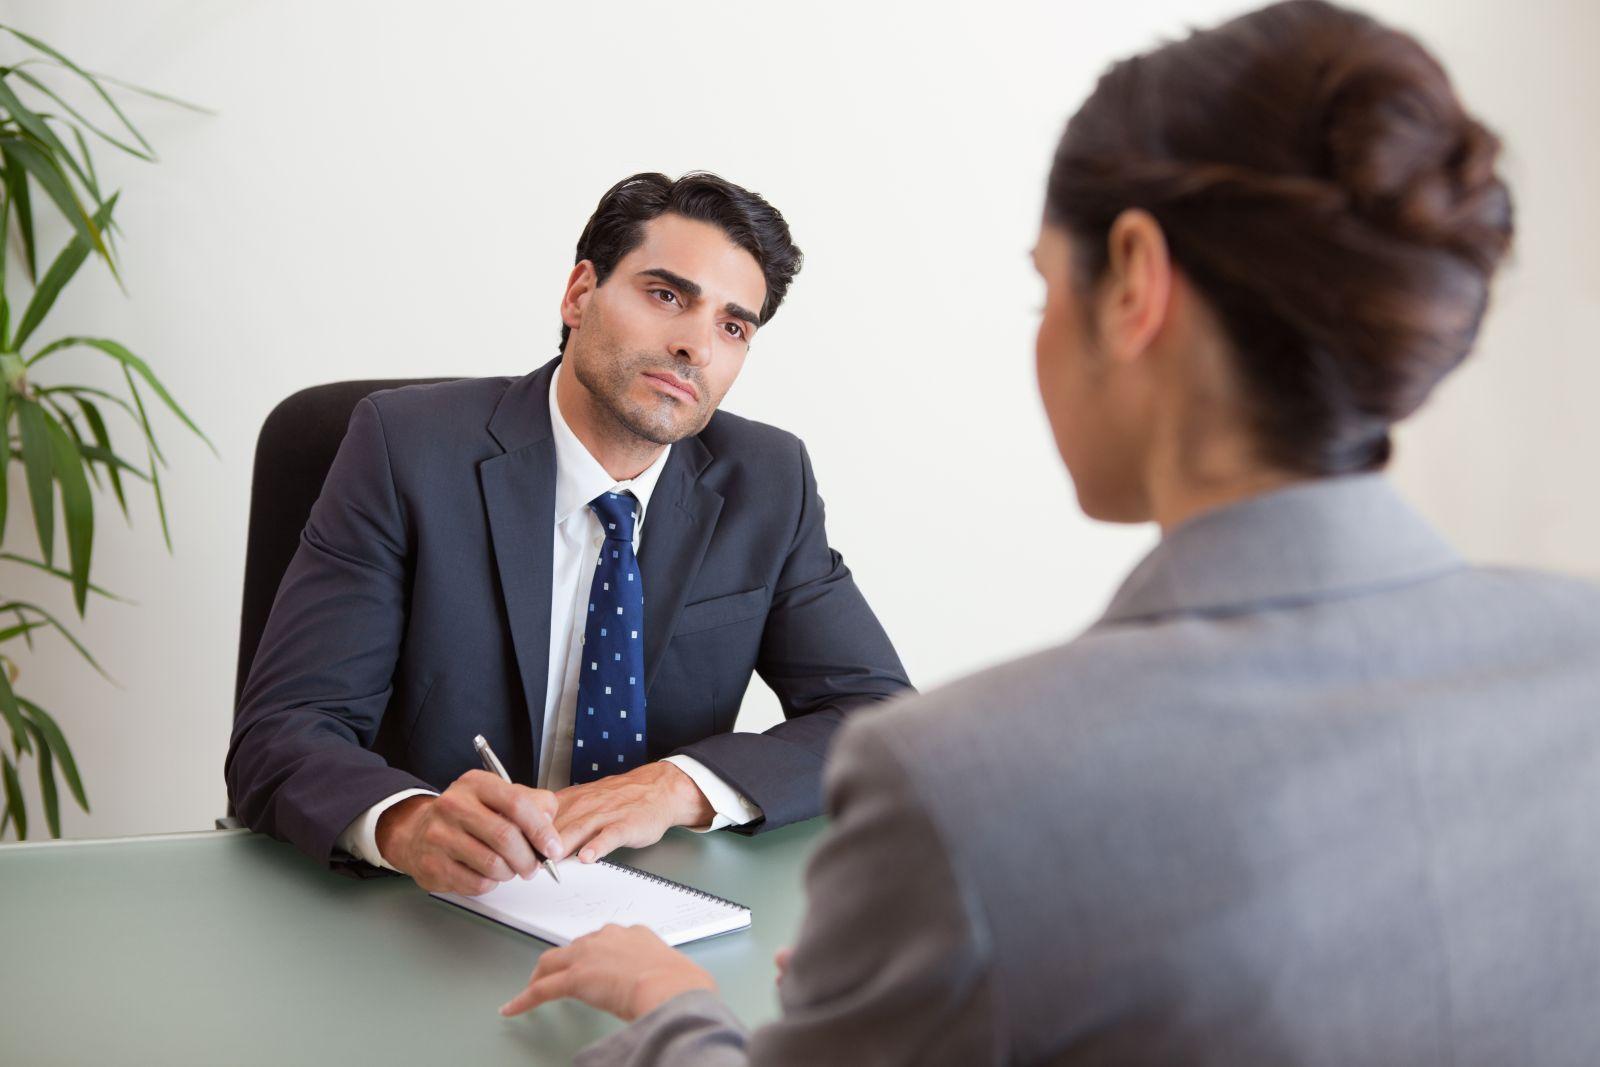 câu hỏi nhà tuyển dụng hay hỏi